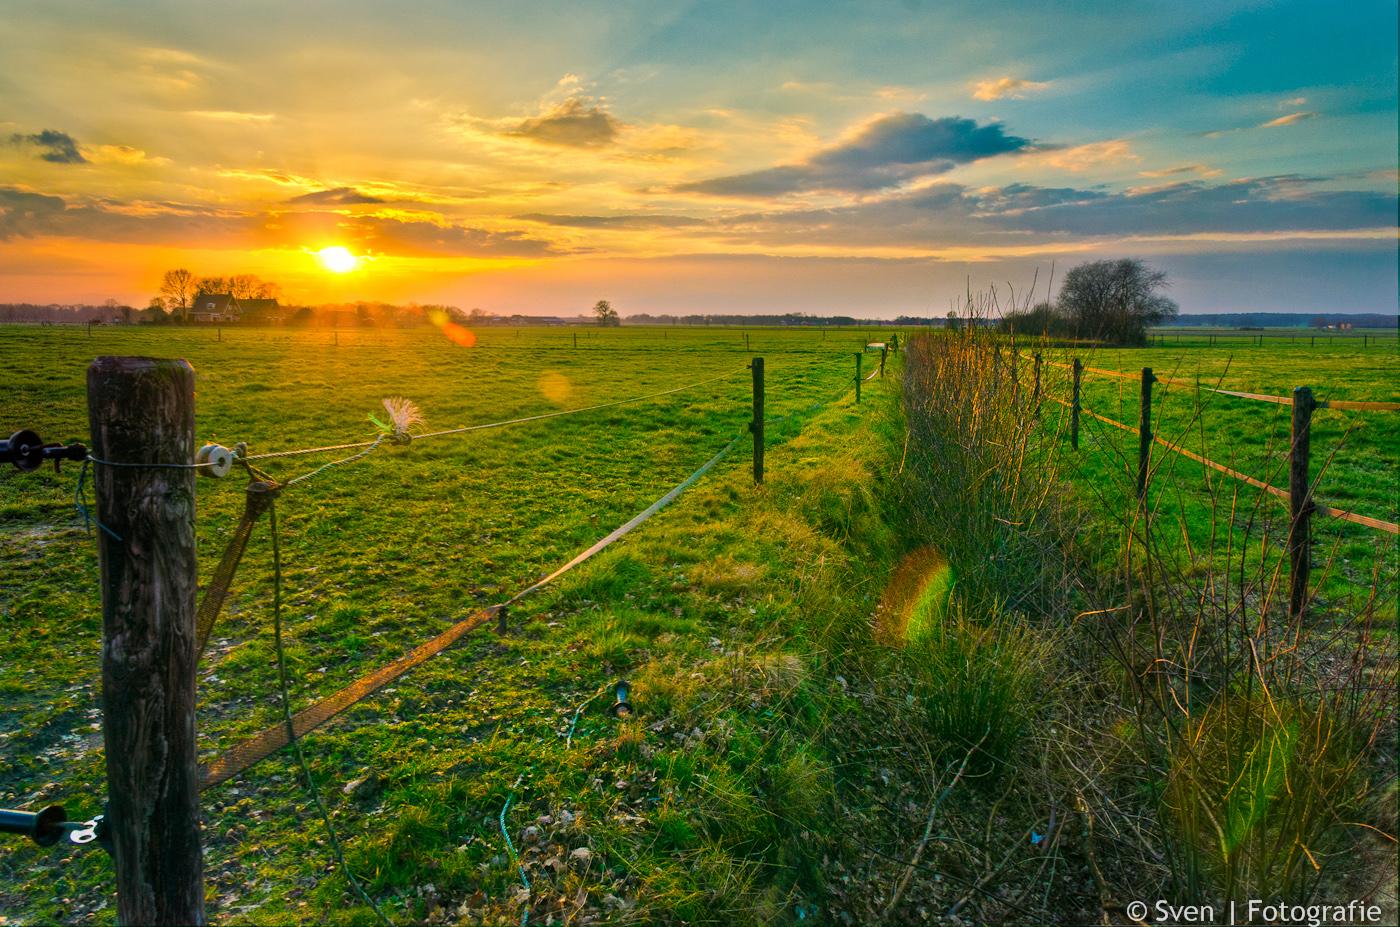 HDR, Hellendoorn, Hellendoornse Berg, Sven, fotograaf, Almere, landschap, Nederland, Netherlands, landscape, lowlands, sunset, zonsondergang, boerenland, sloot, struiken, in, hek, gras, groen,